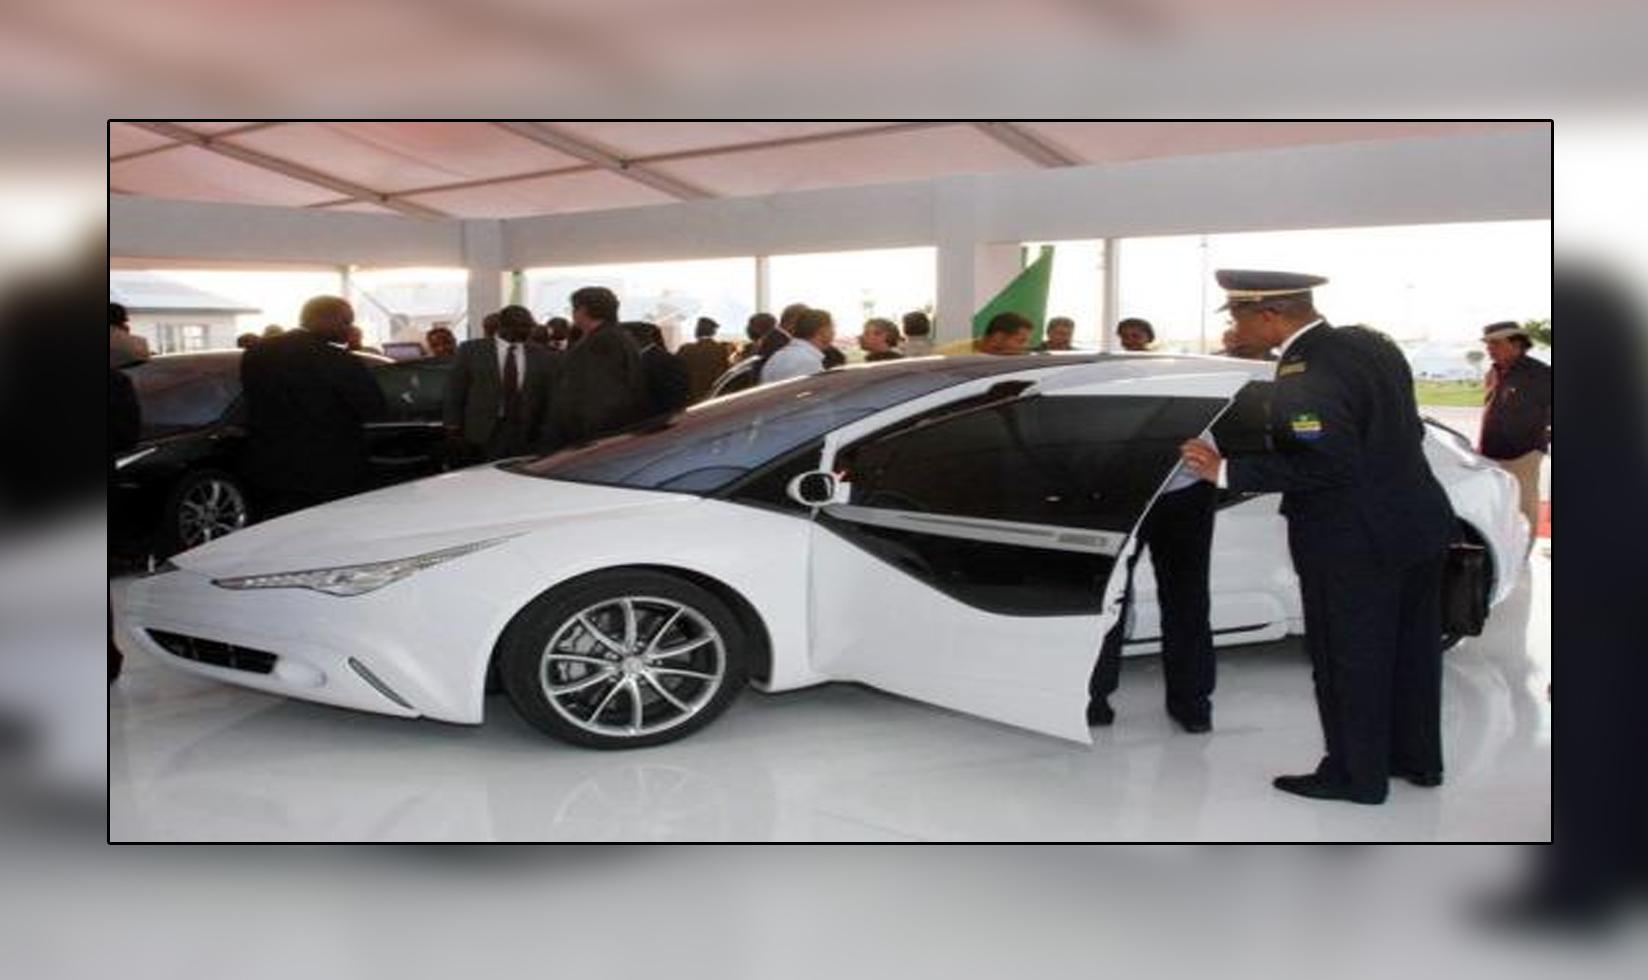 سيارة الزعيم الراحل معمر القذافي